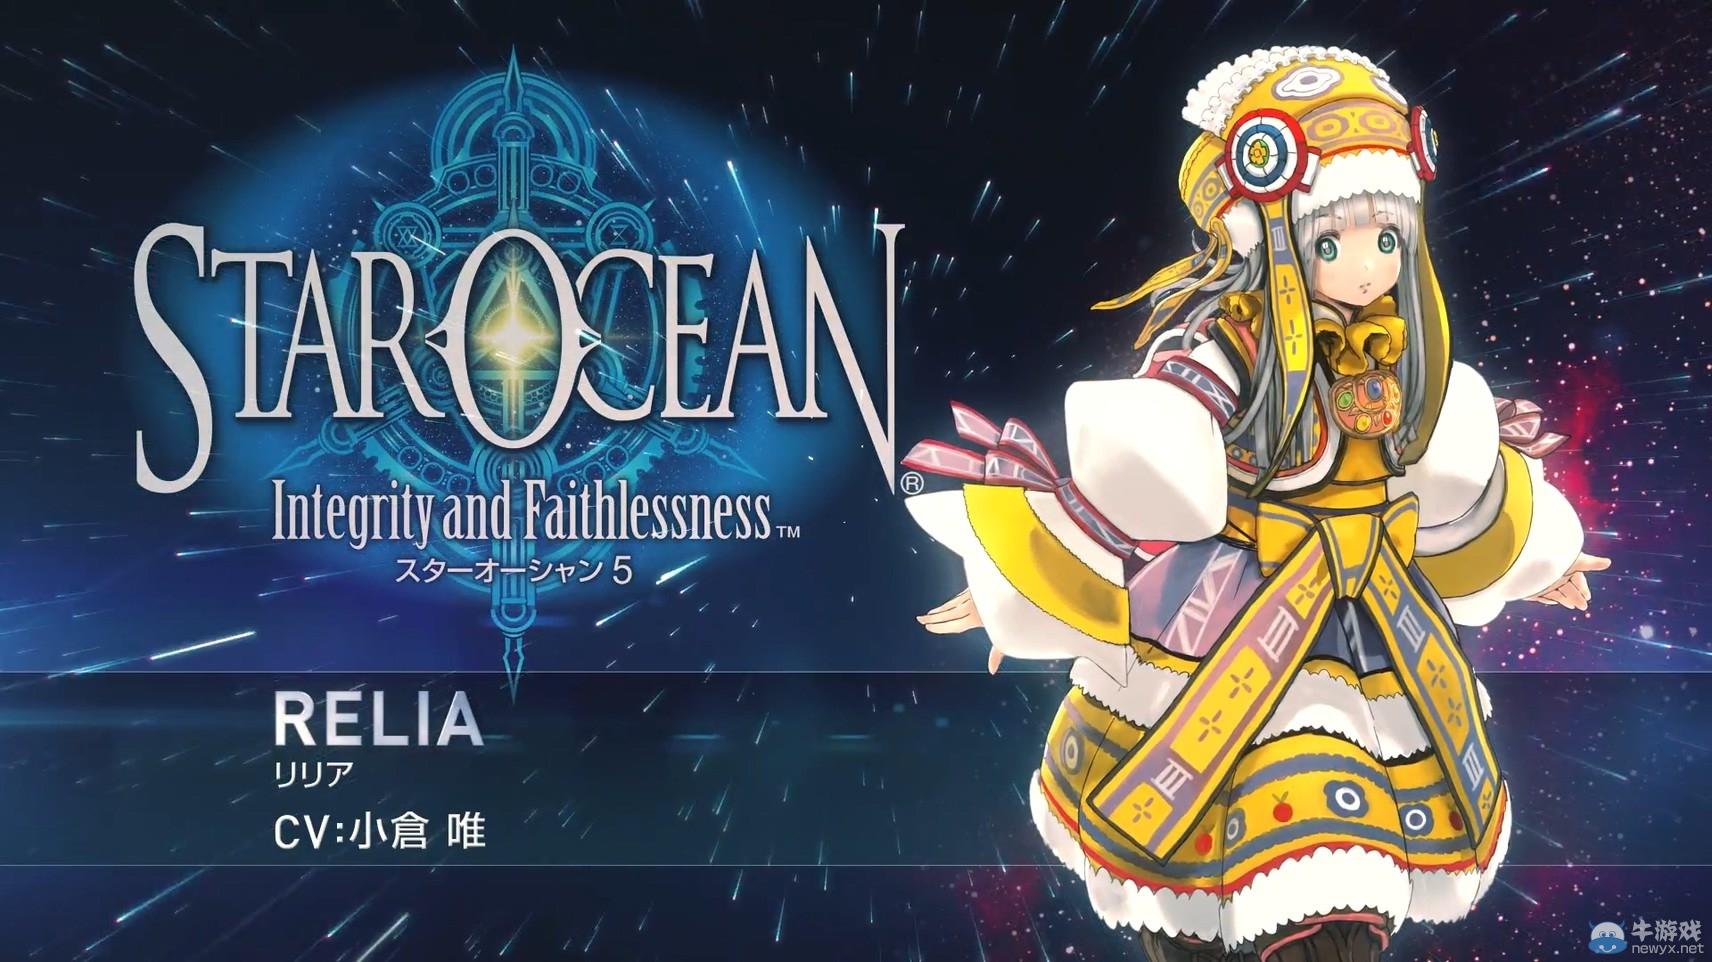 《星之海洋5:忠诚与背叛》小萝莉relia预告片 身材娇小怀神技